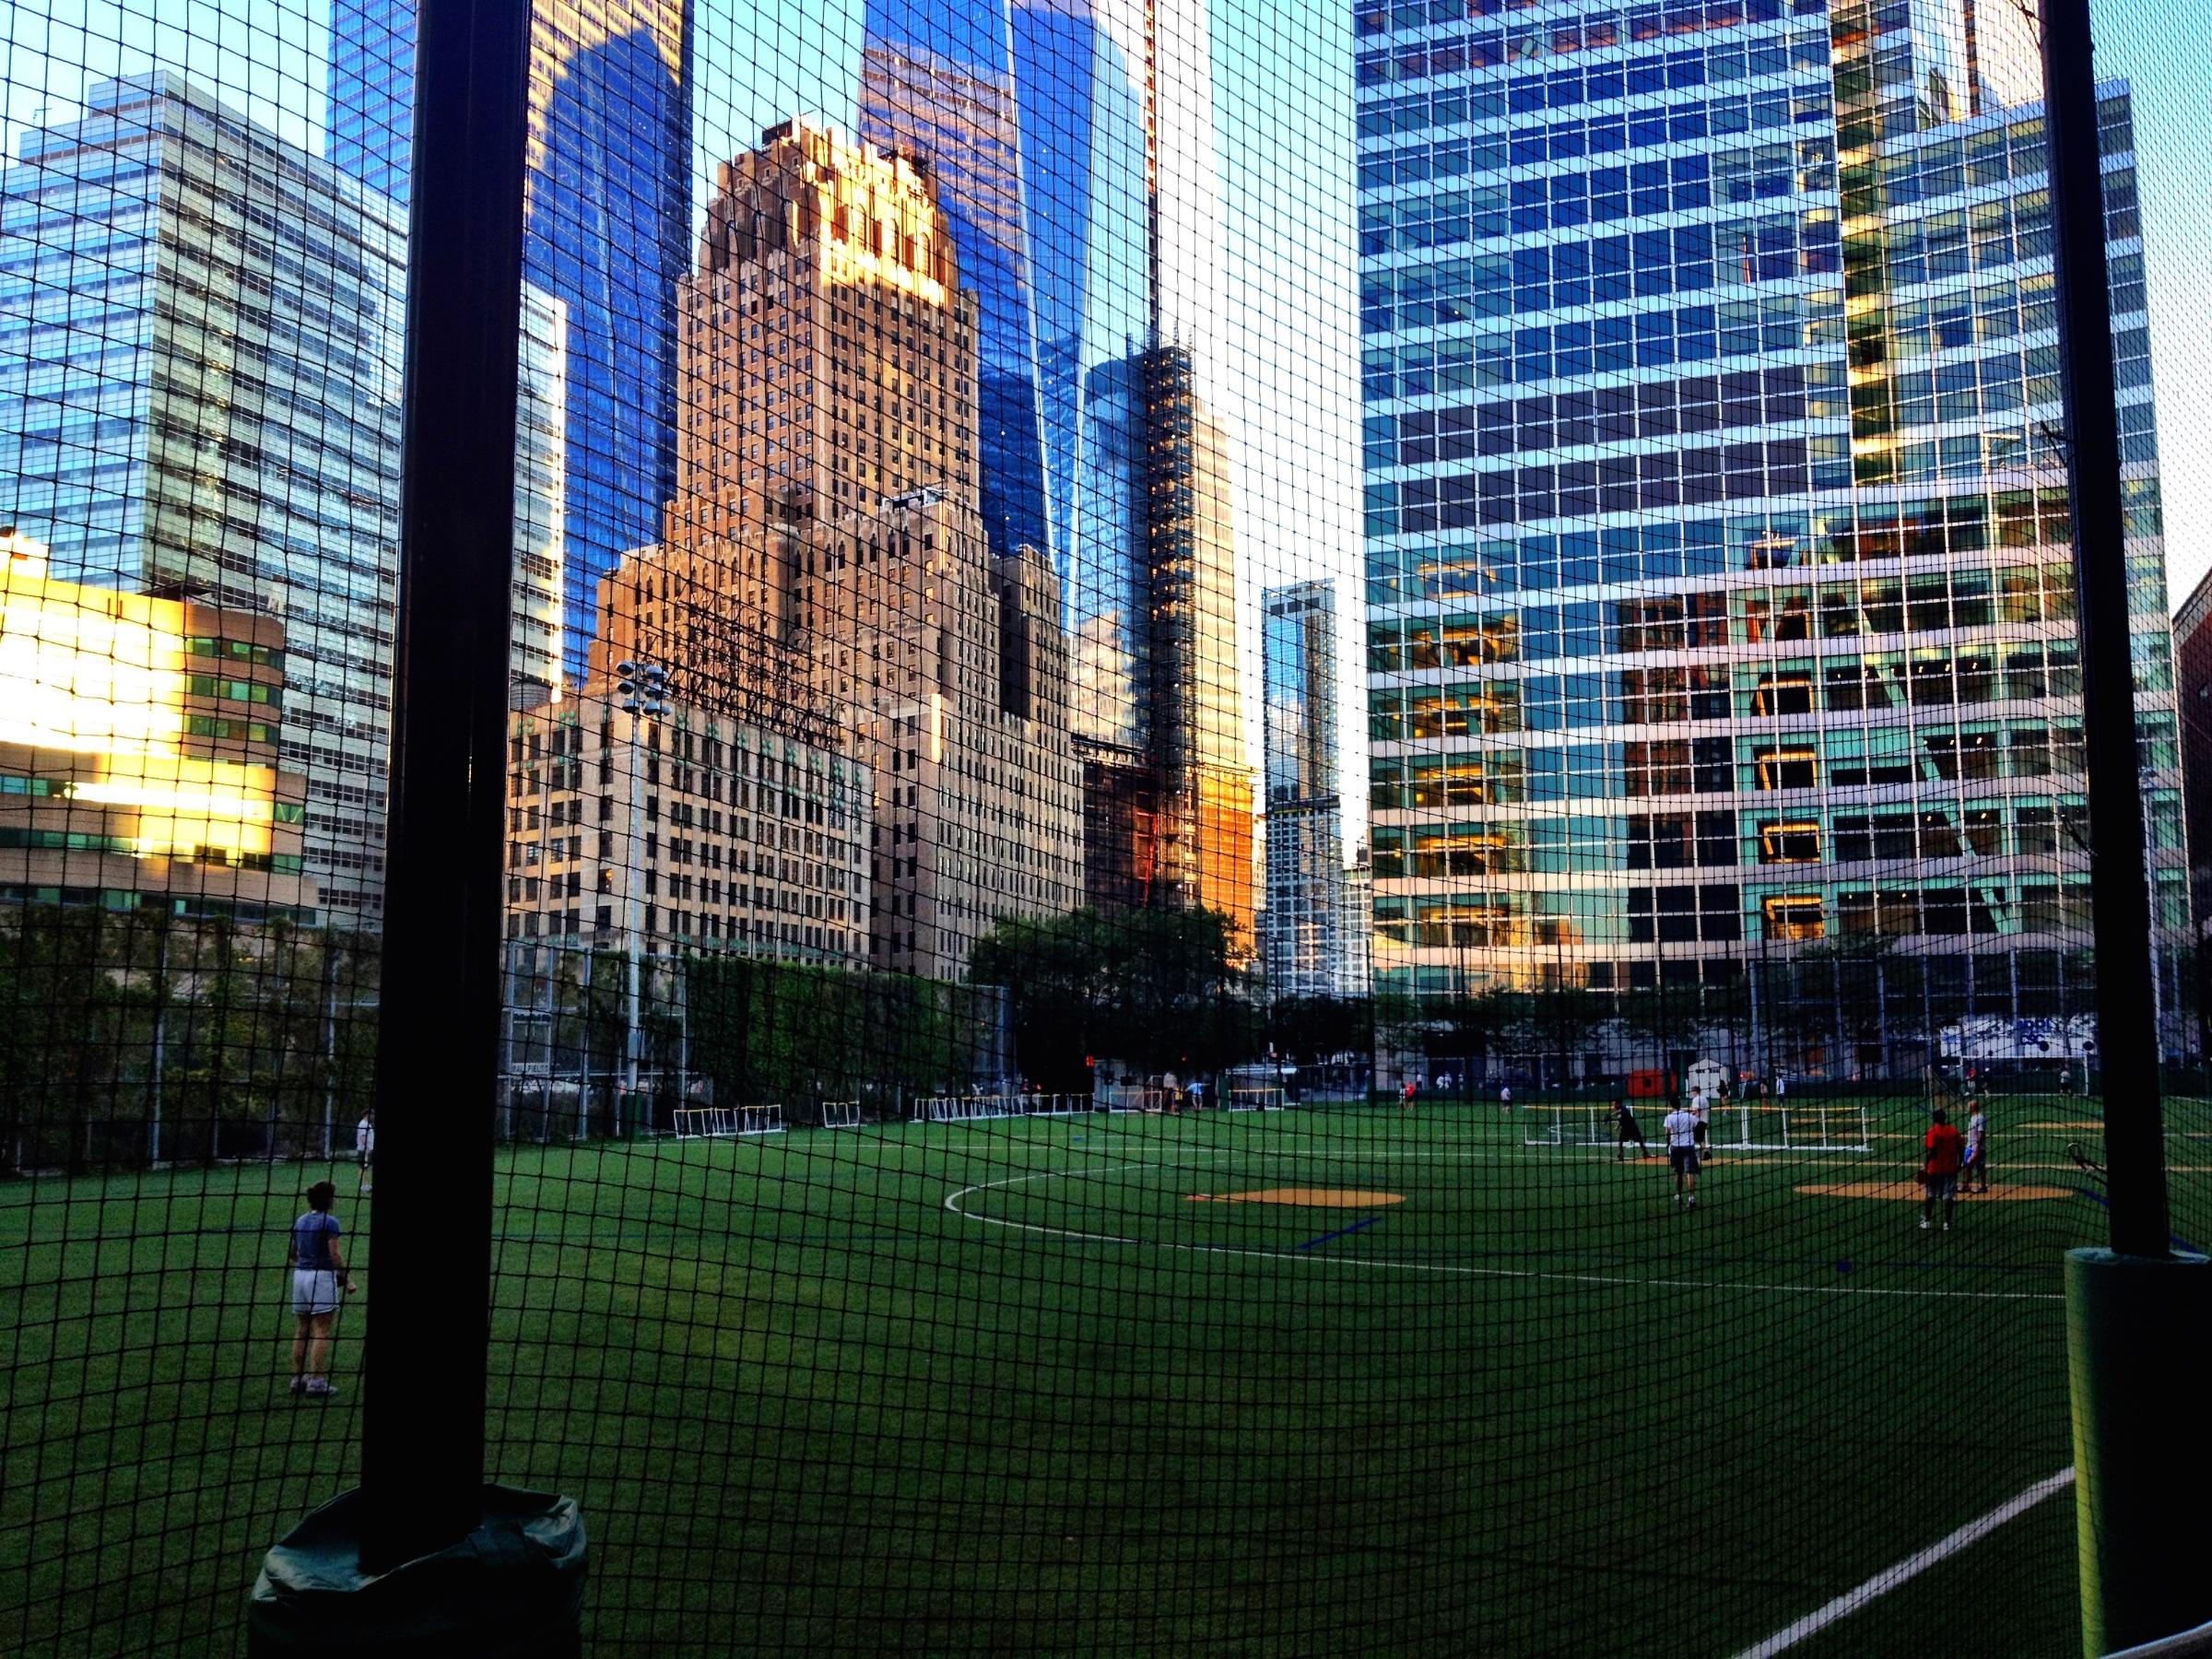 Ein toller Sportplatz im Hochhausdschungel in Battery Park